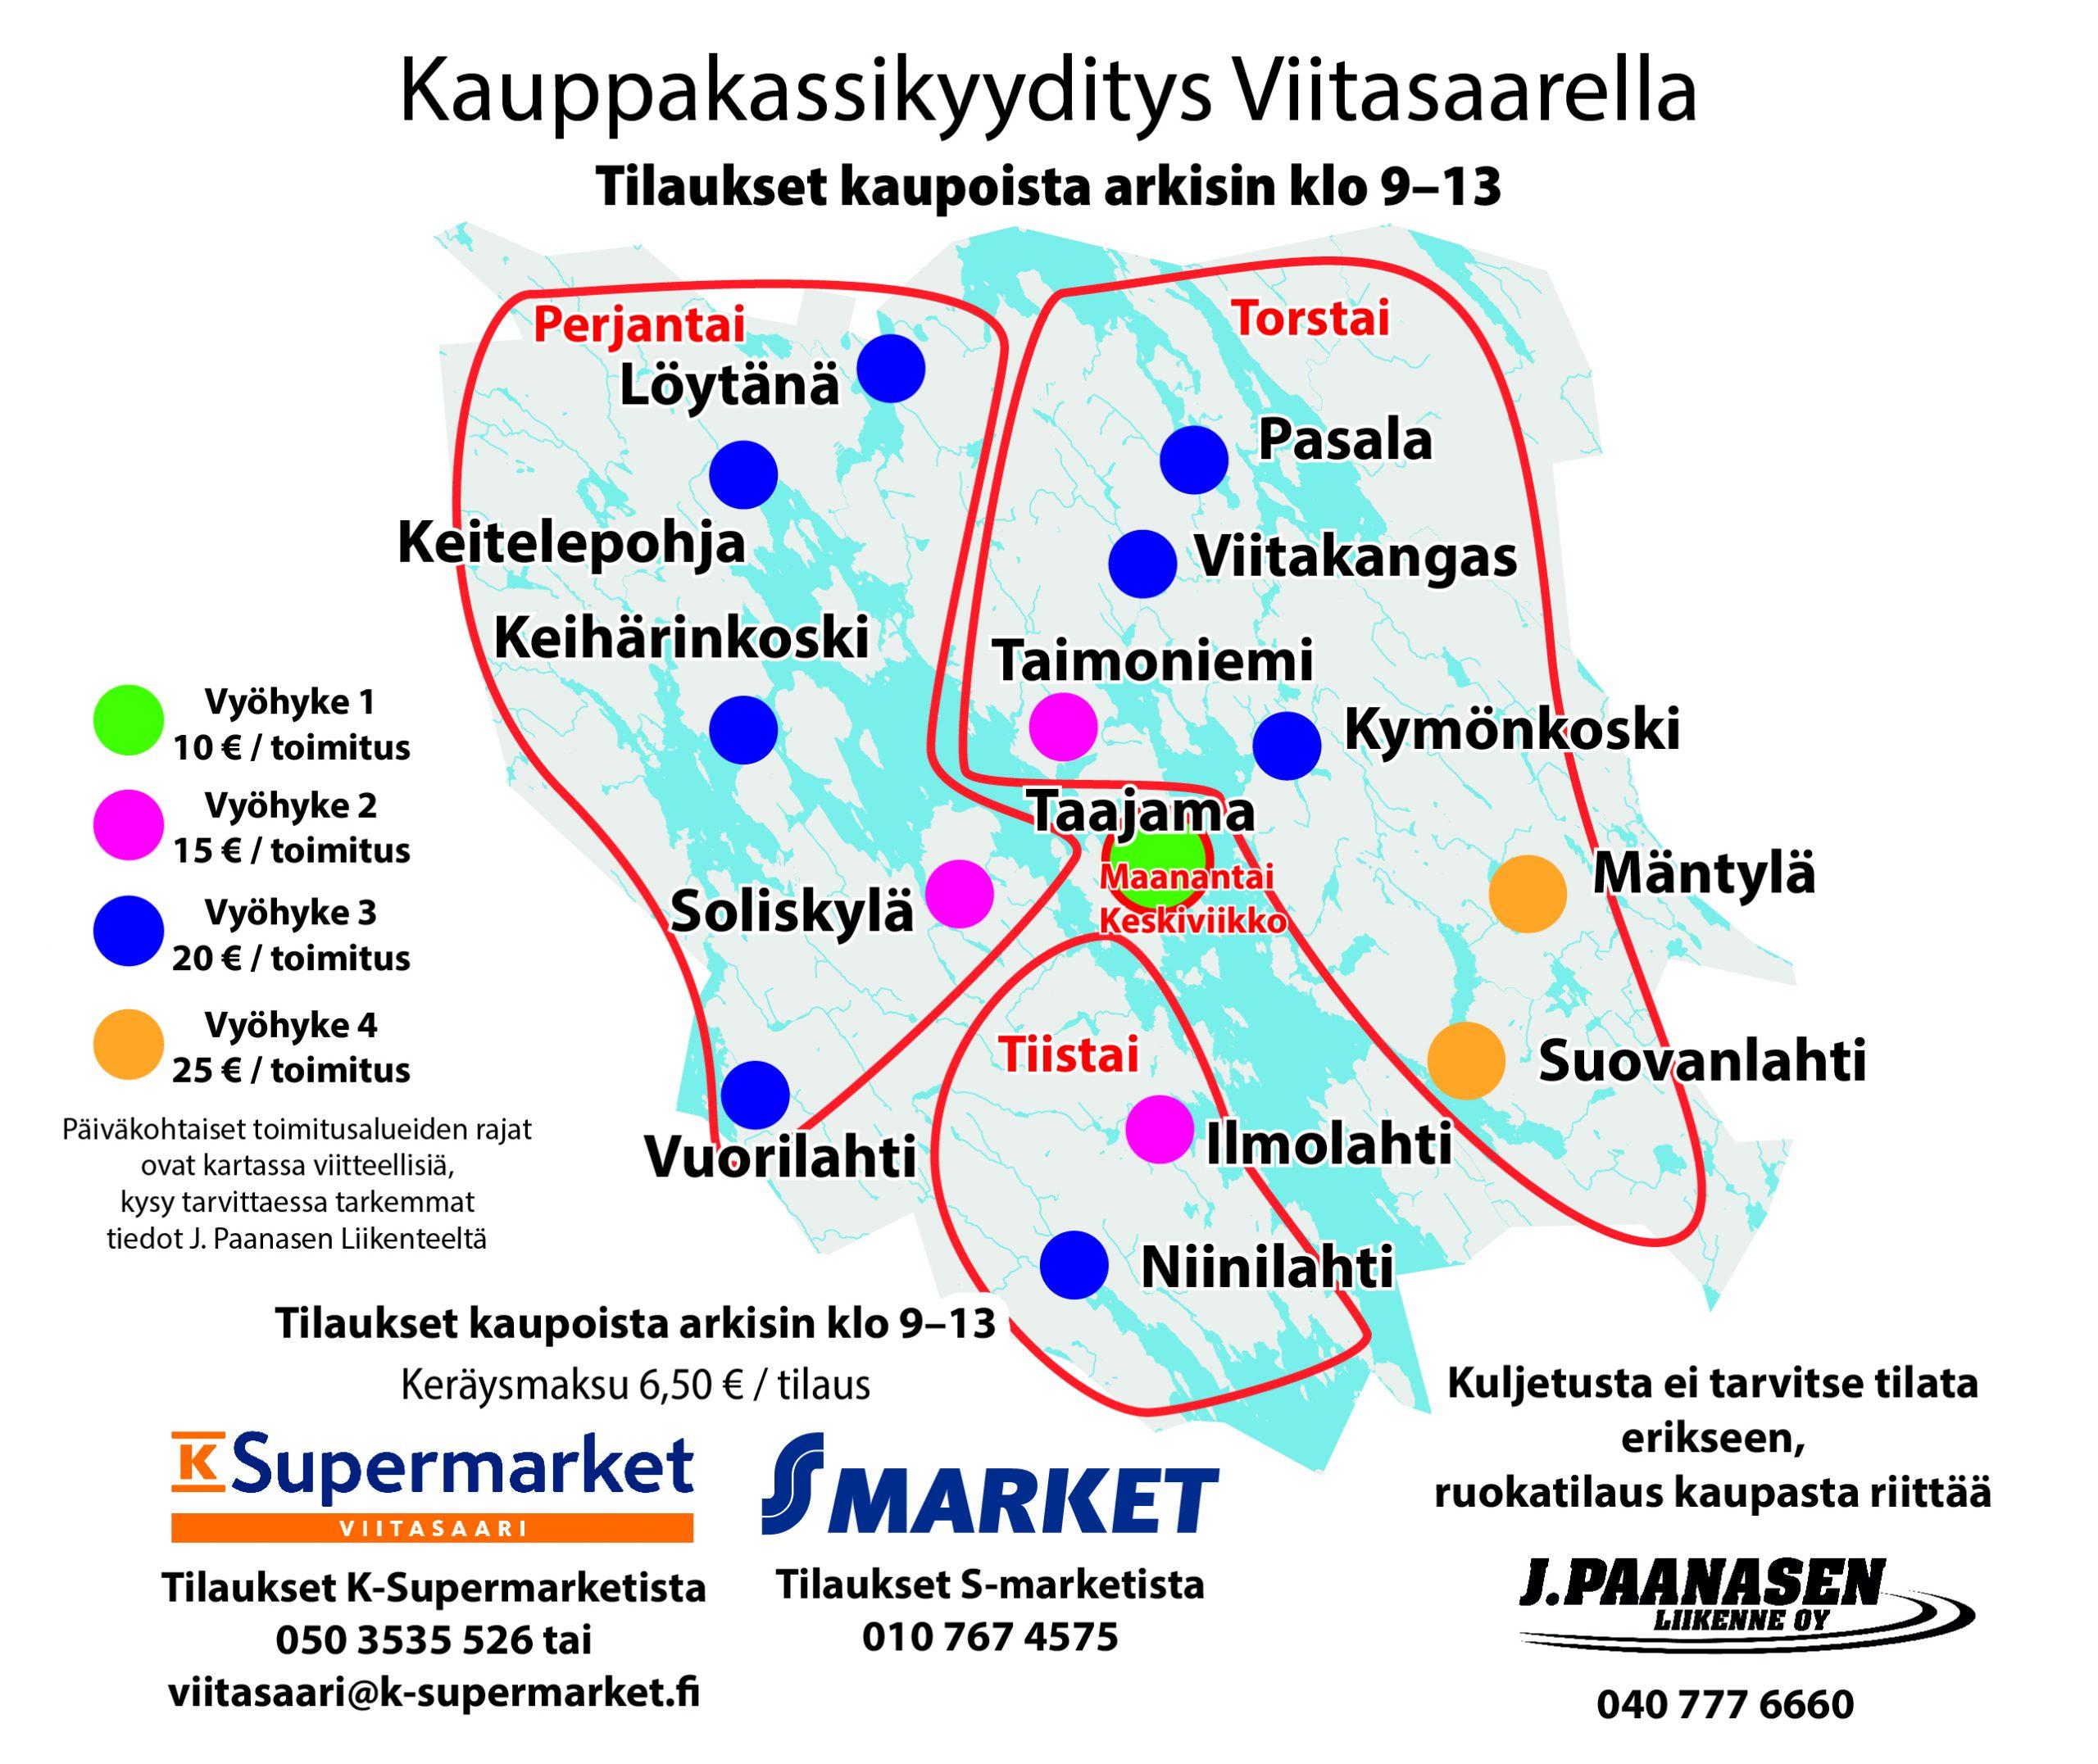 Kauppakyydityspalvelun kartta, jossa mm. vyöhykkeet ja toimituspäivät